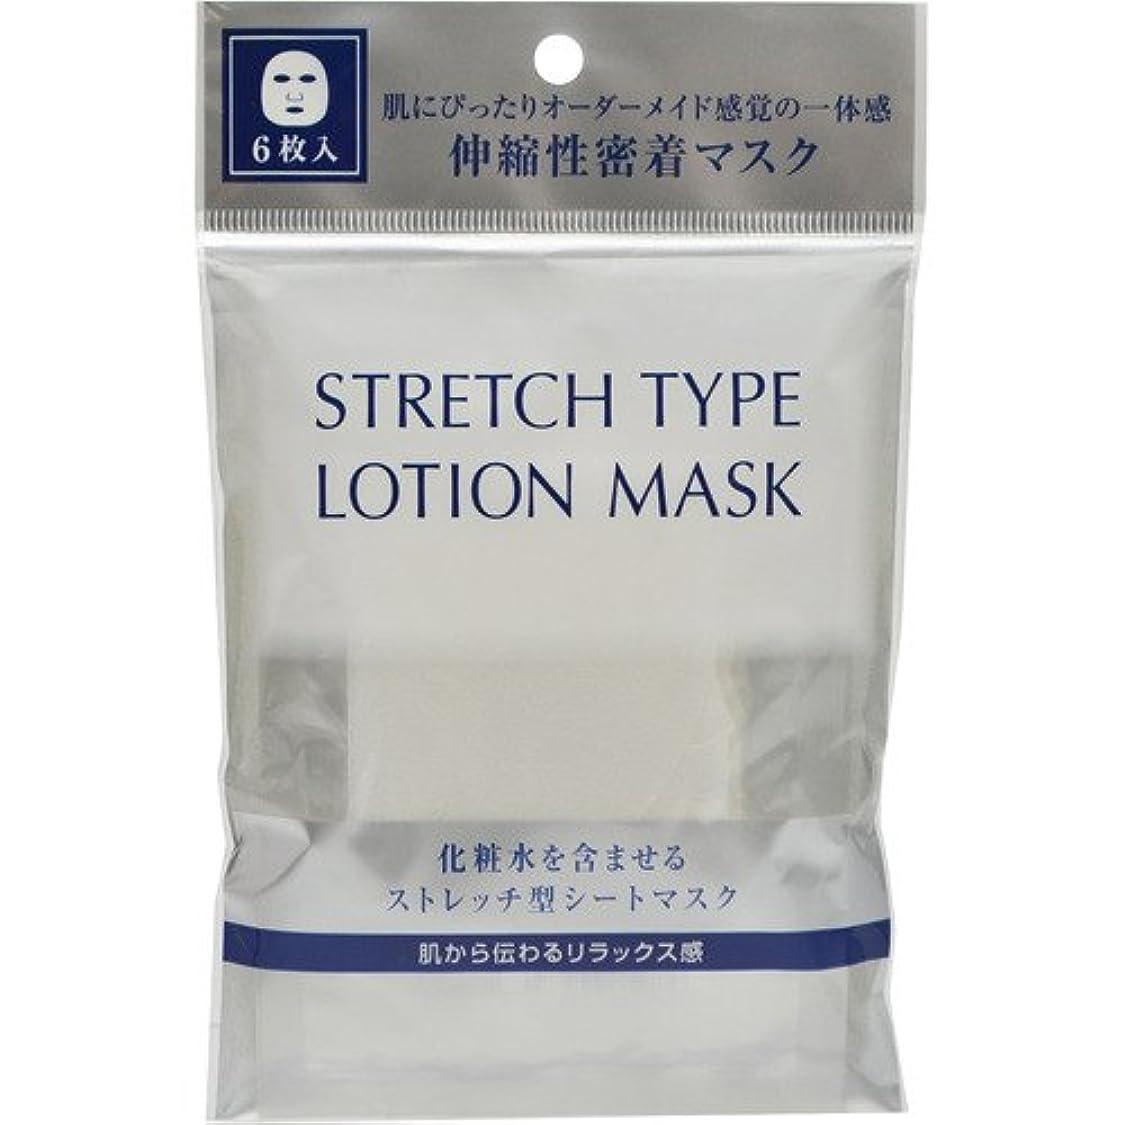 司書香ばしい航空コーセー 雪肌精 シュープレム ローションマスク (ストレッチシートタイプ) 6枚入り